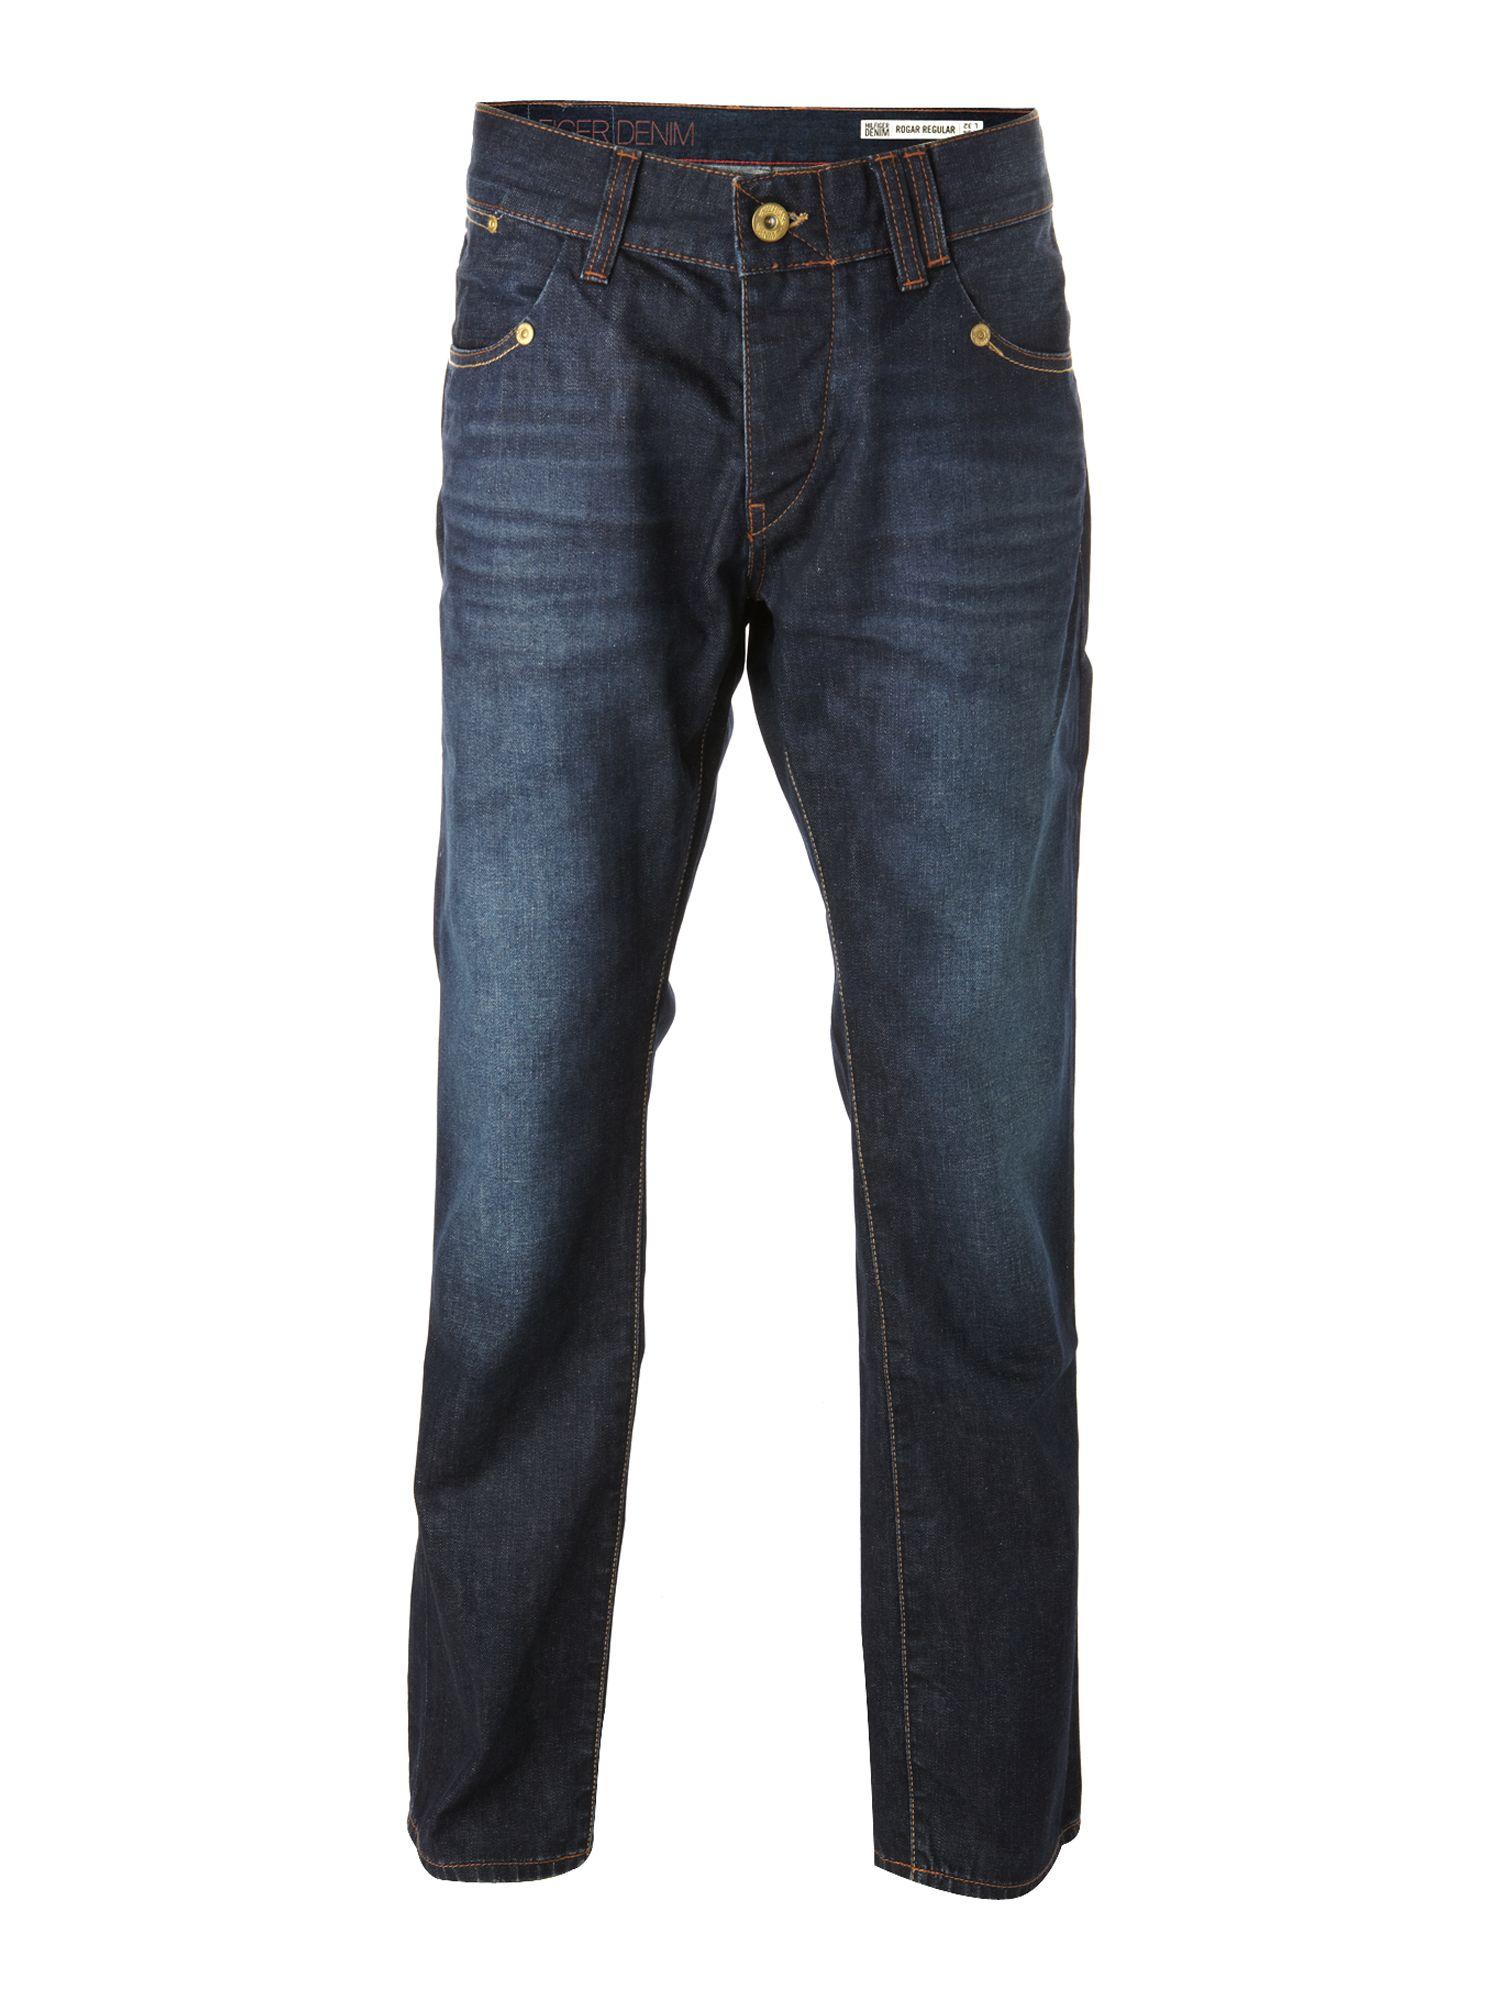 tommy hilfiger denim jeans mens tommy hilfiger hilfiger. Black Bedroom Furniture Sets. Home Design Ideas